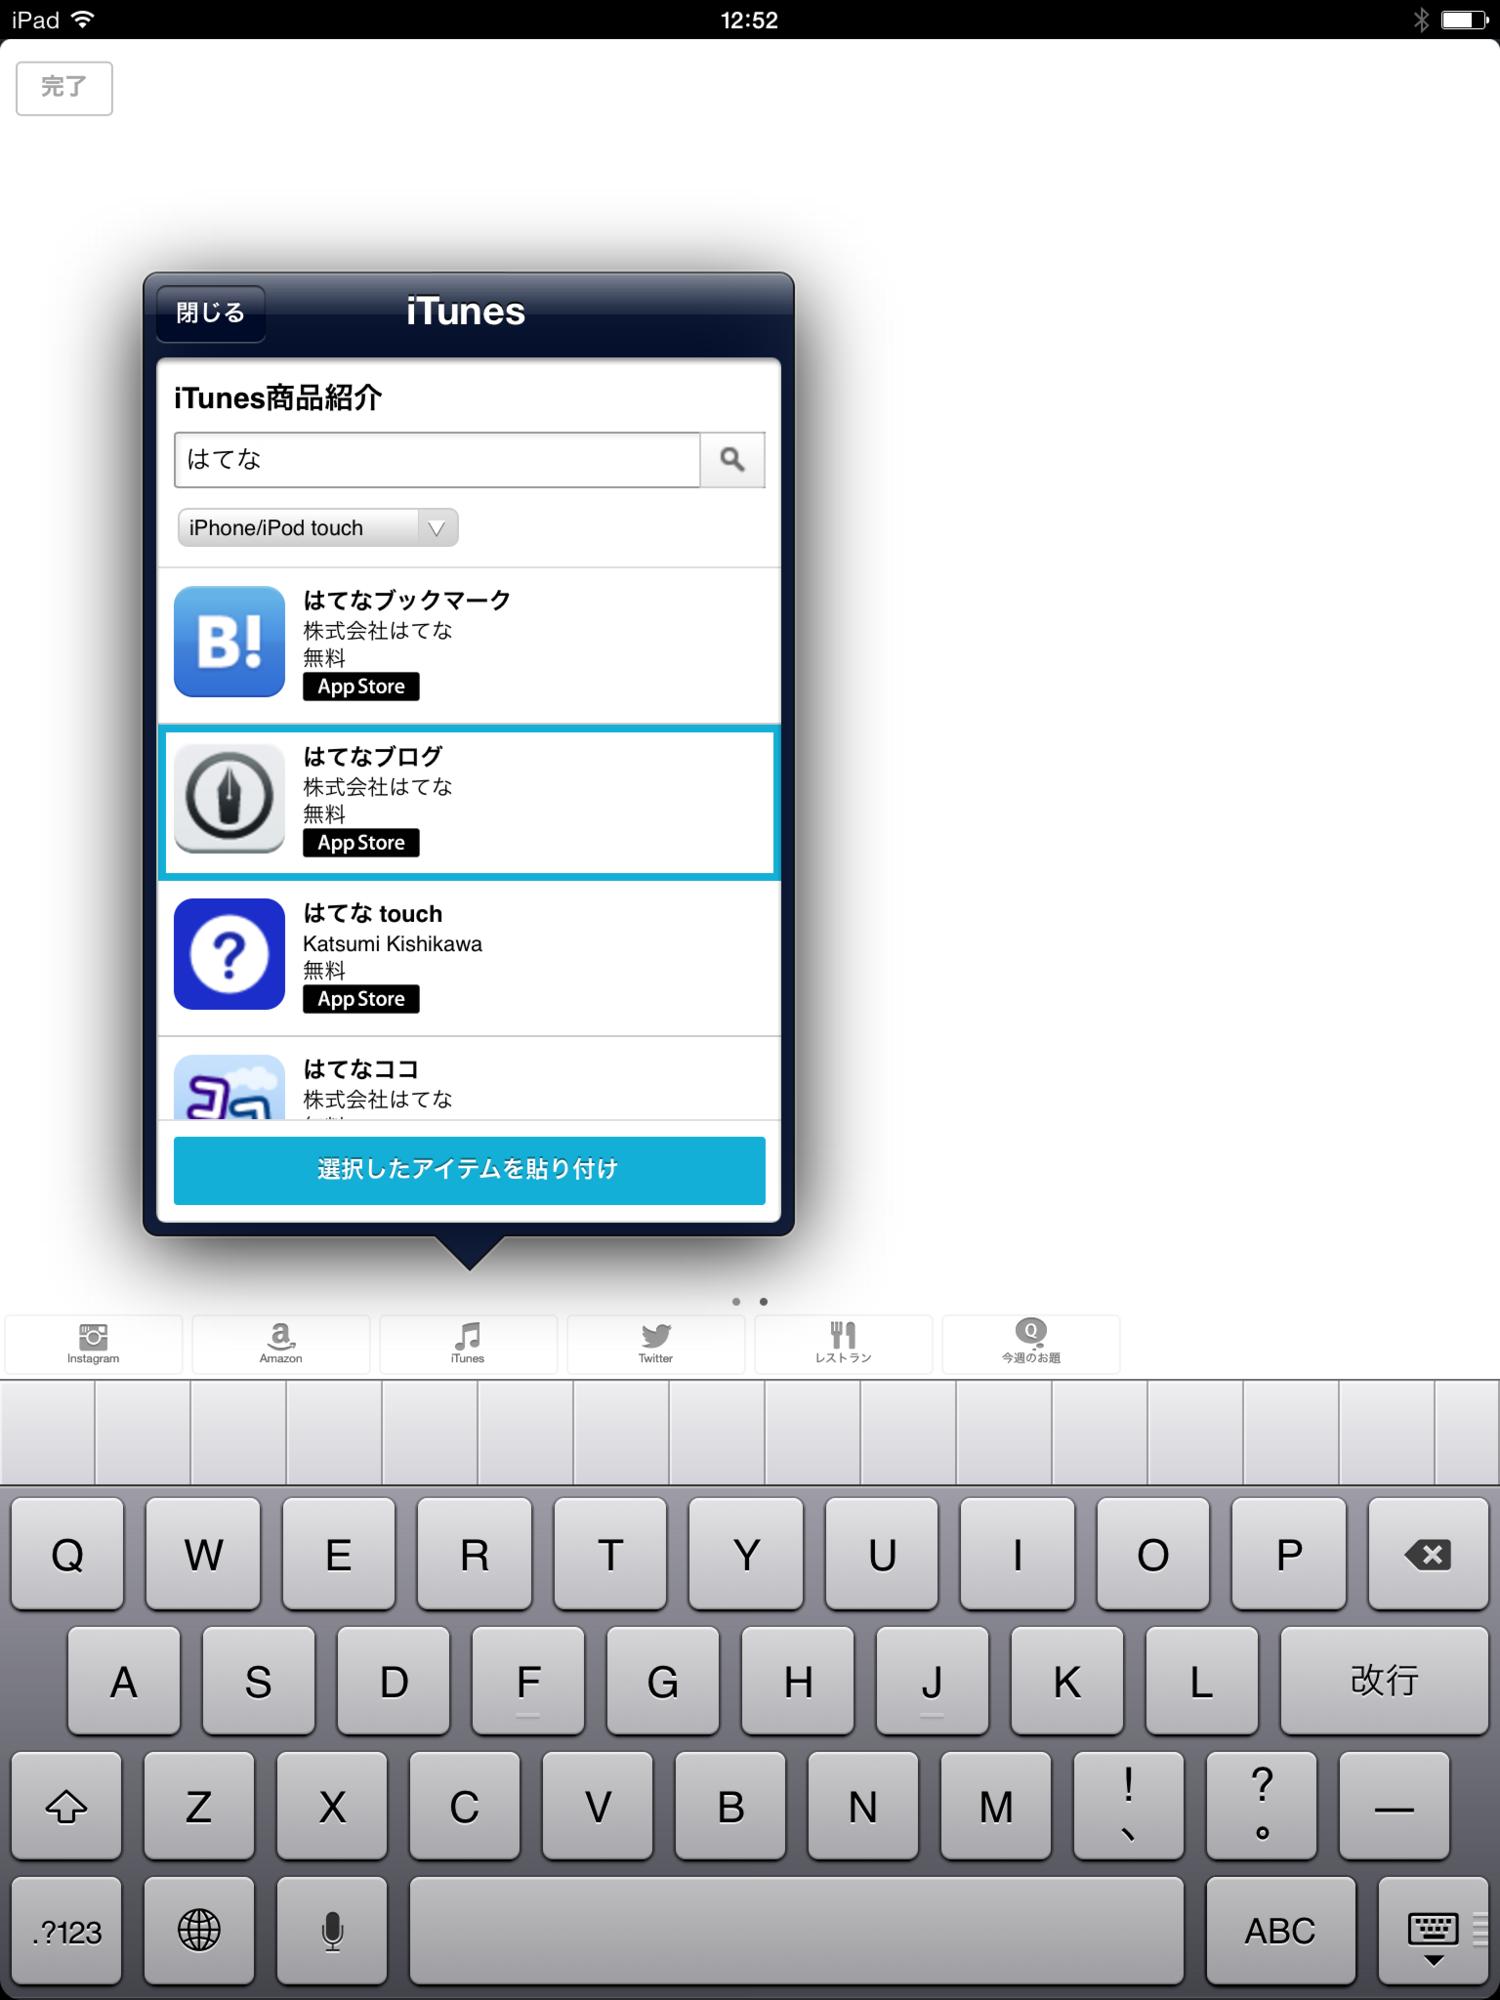 iPadでiTunes商品紹介